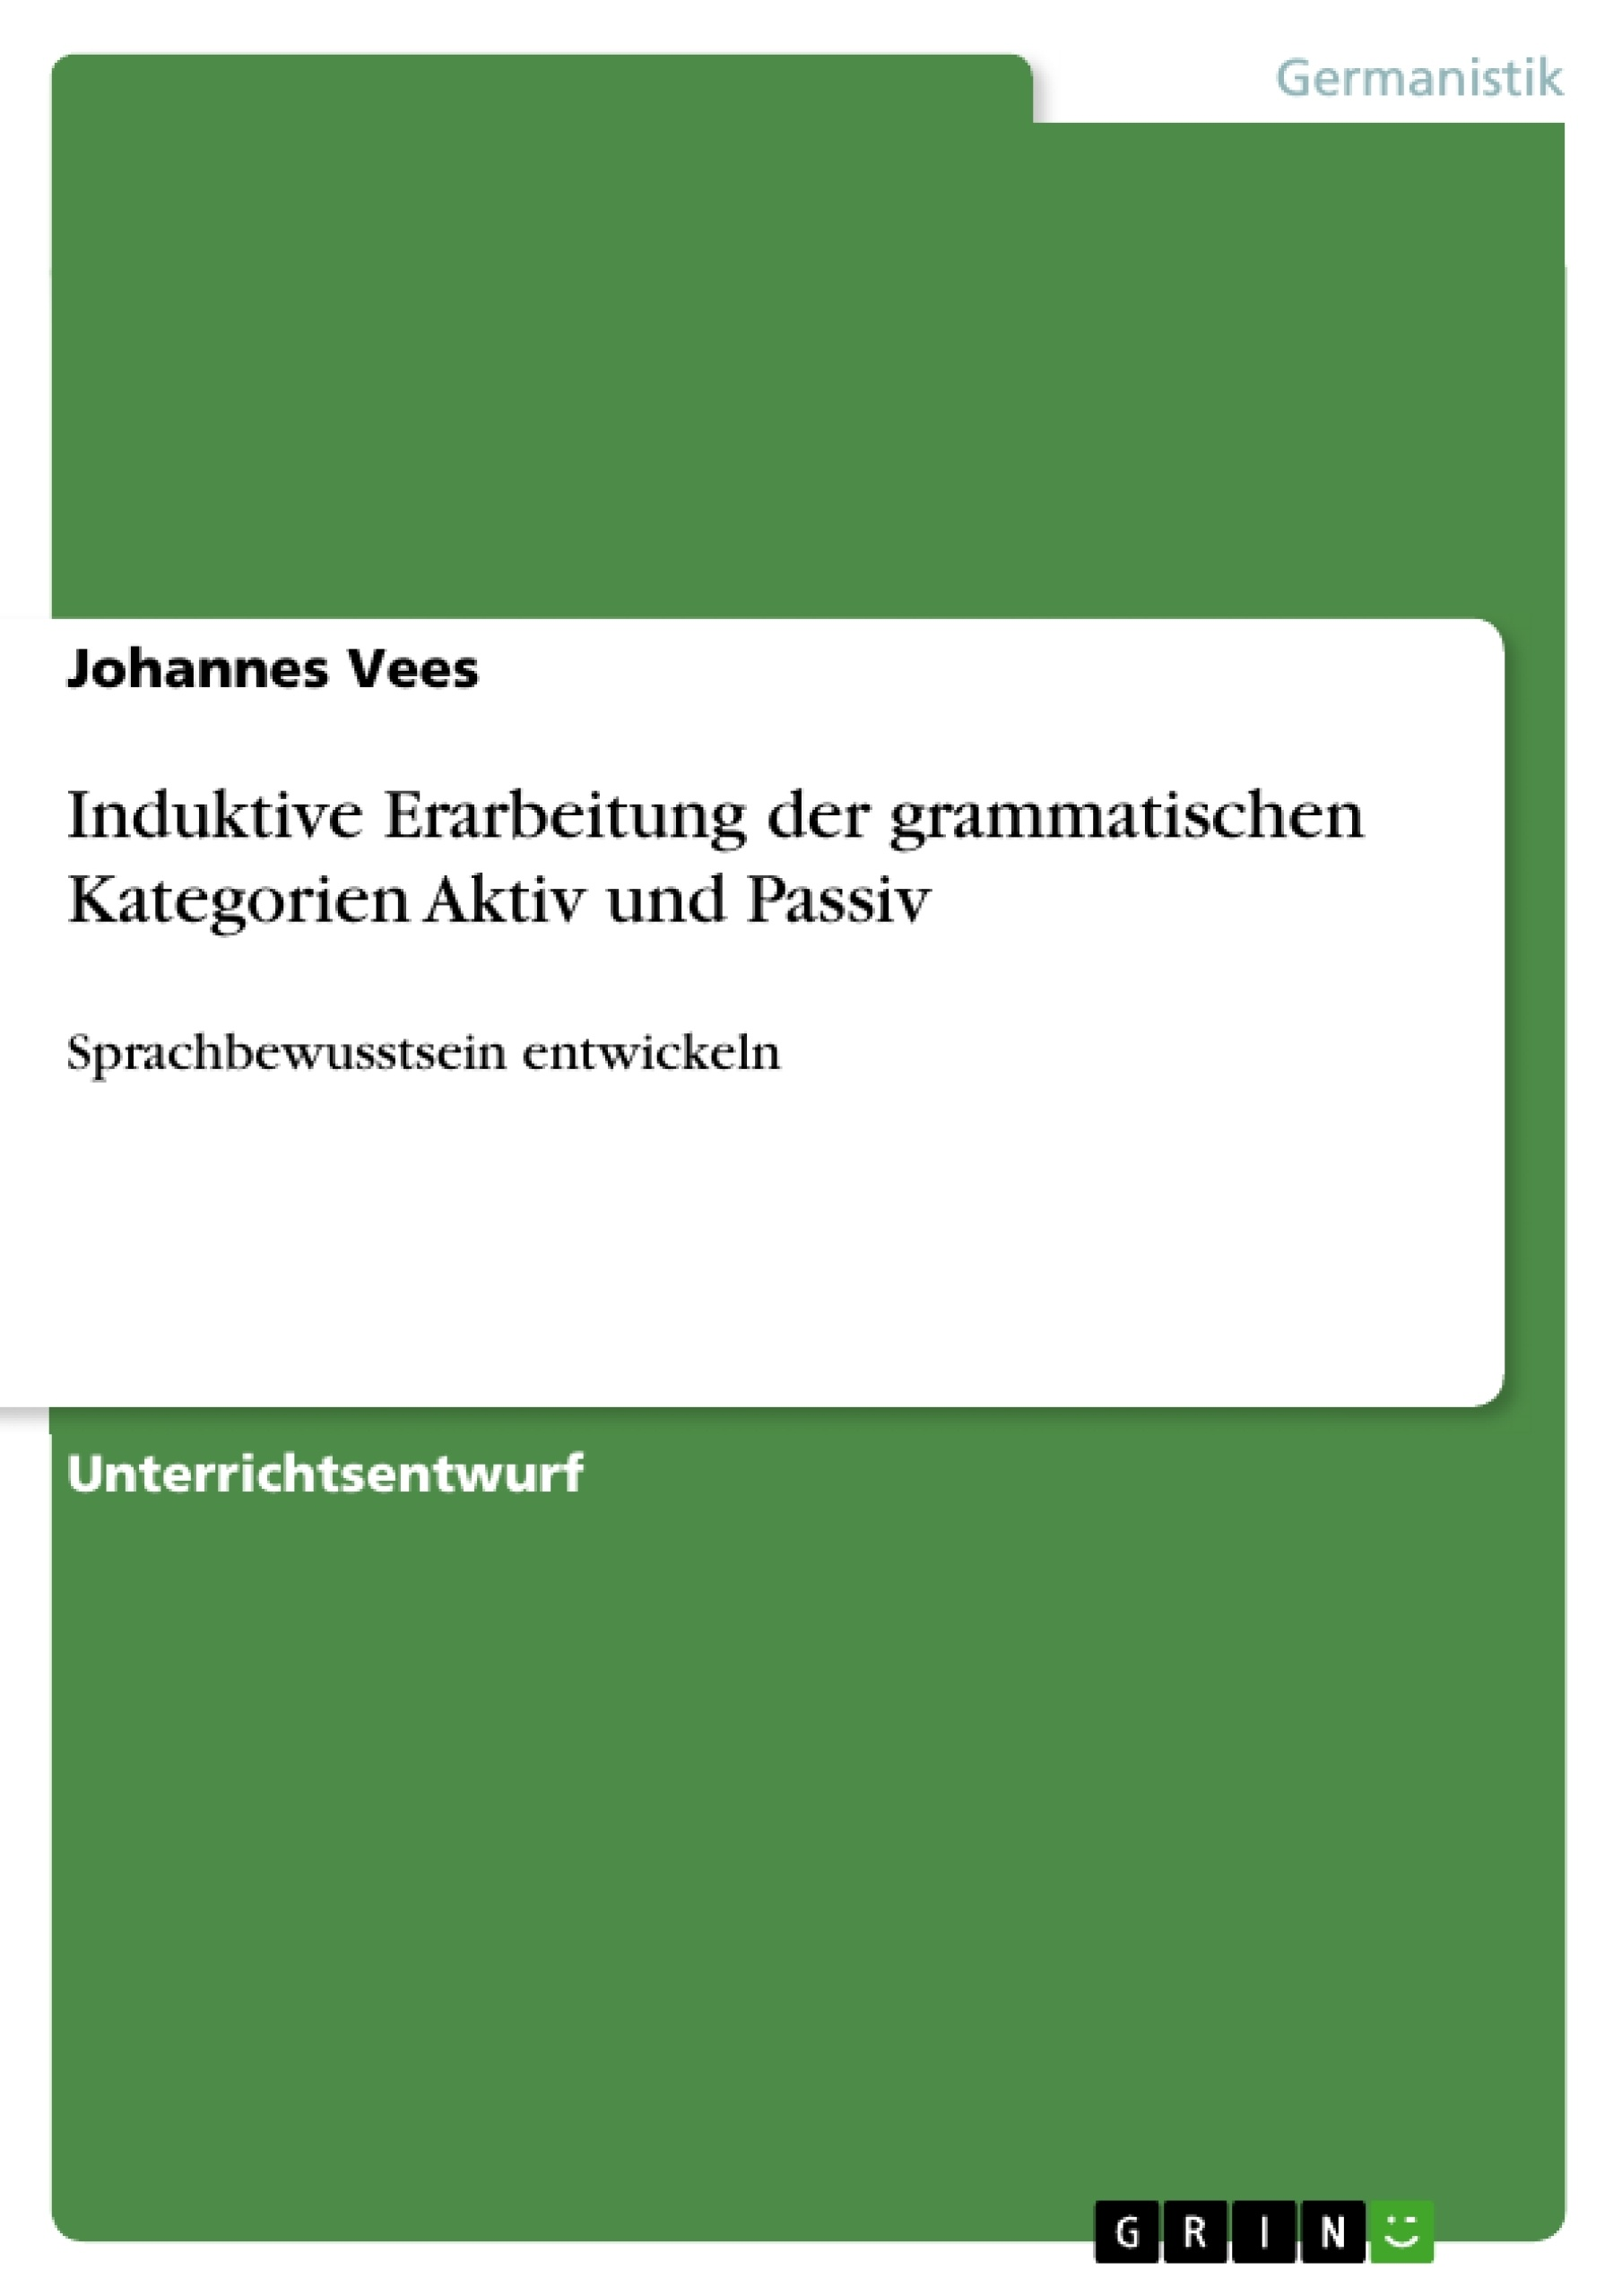 Induktive Erarbeitung der grammatischen Kategorien Aktiv und Passiv ...